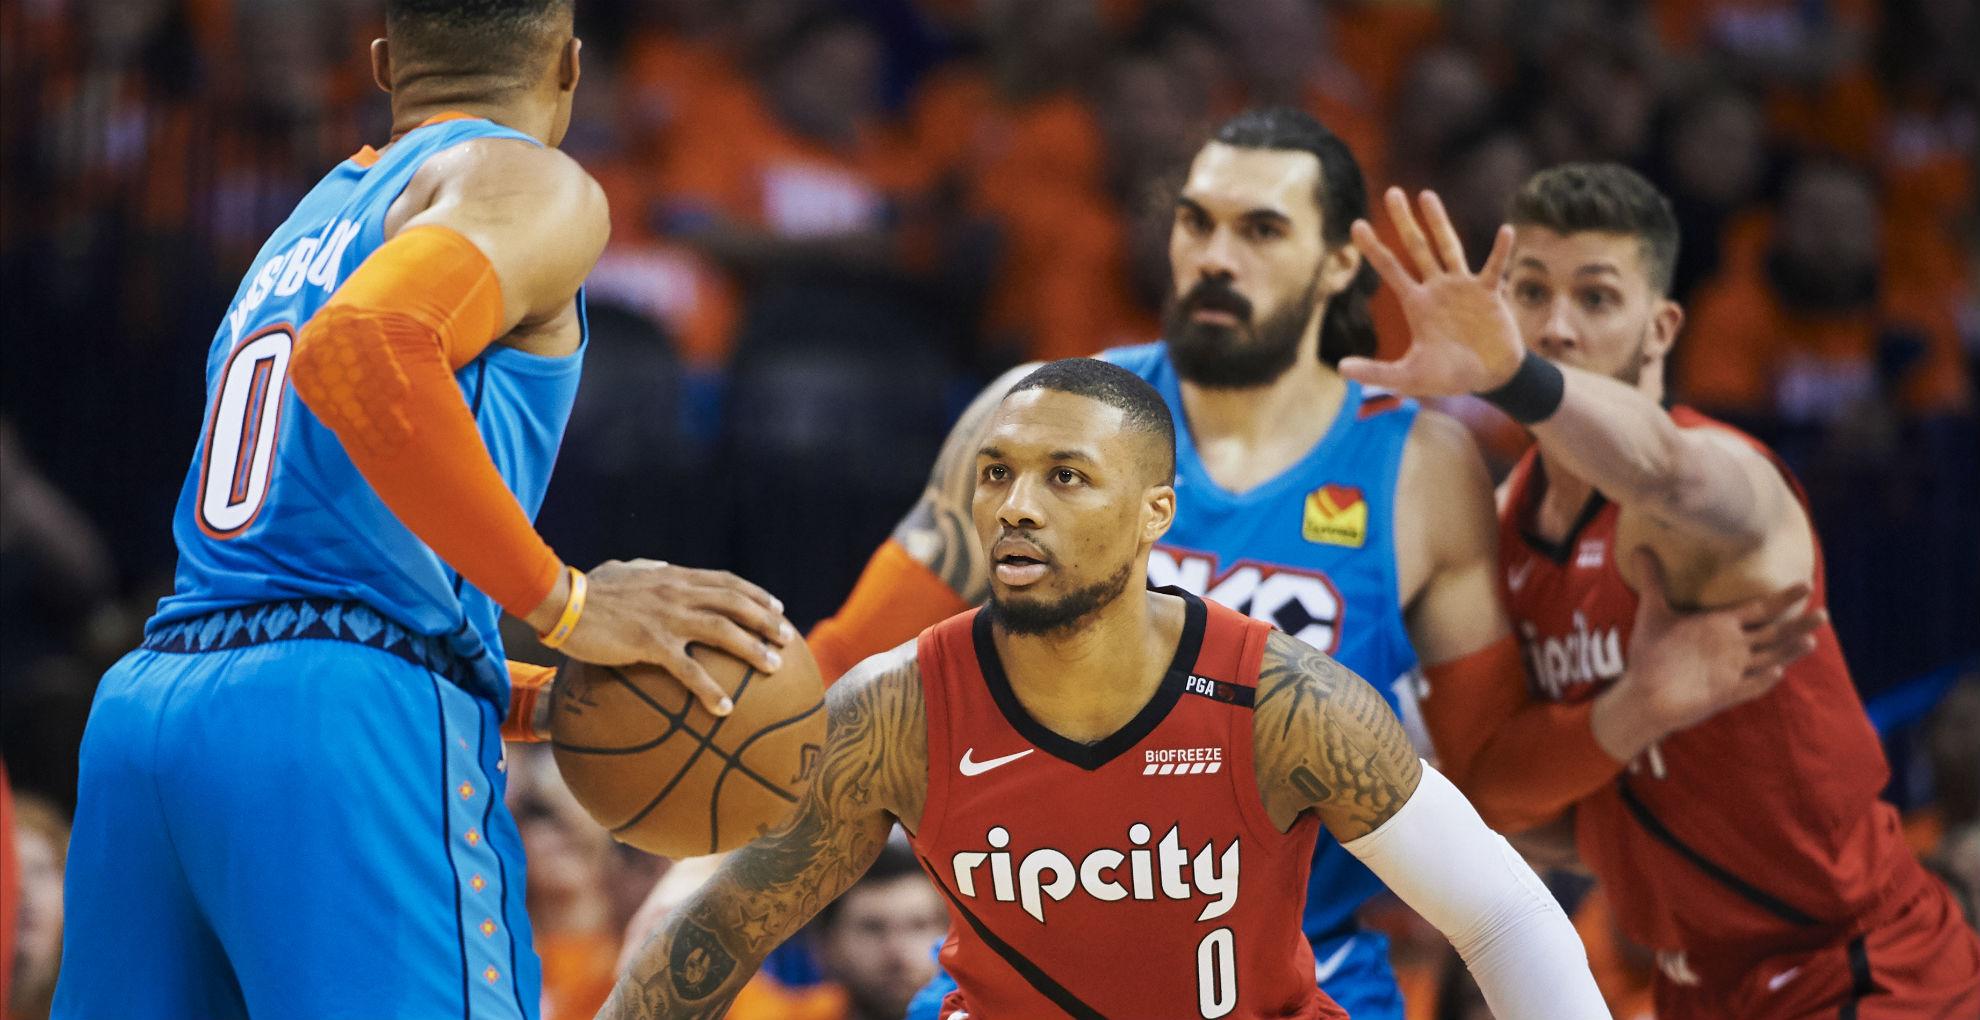 We real cool – Lillard plays down Westbrook feud